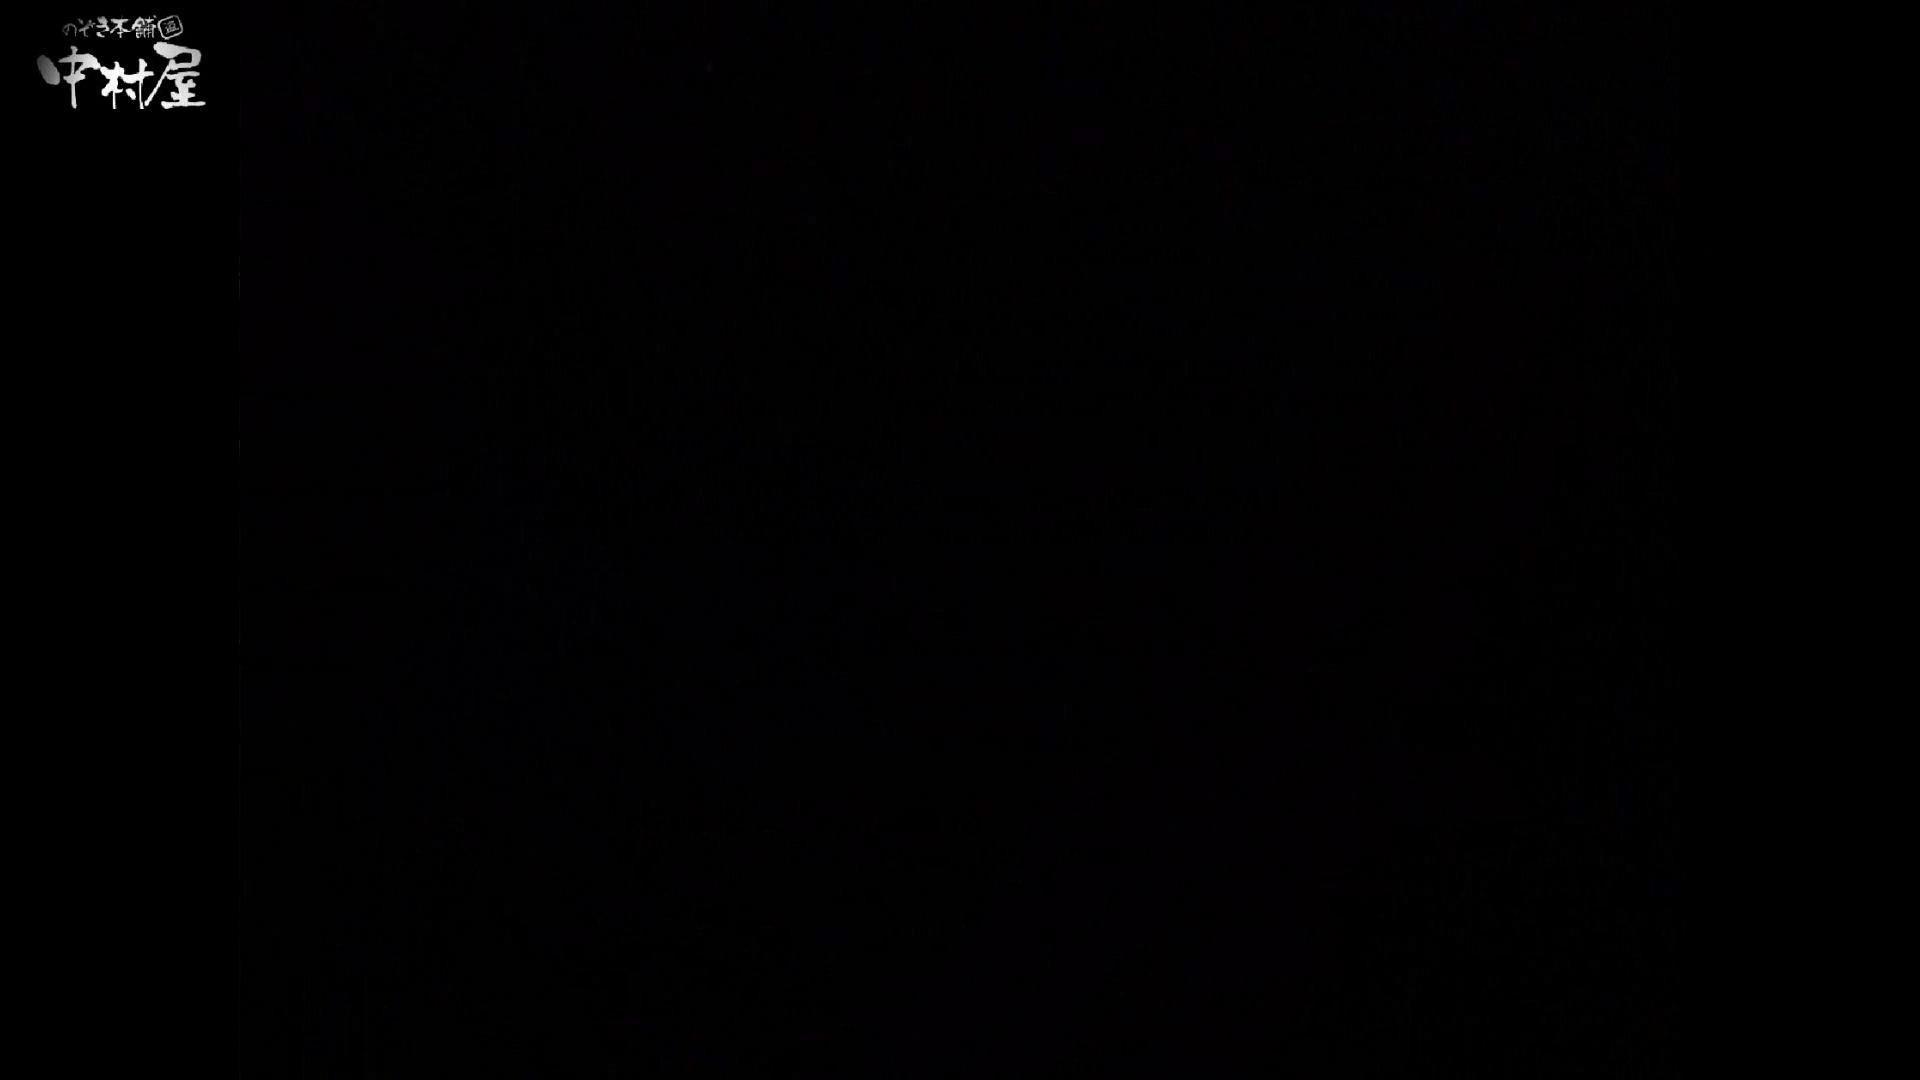 民家風呂専門盗撮師の超危険映像 vol.018 エロい美少女 おまんこ無修正動画無料 95PIX 94